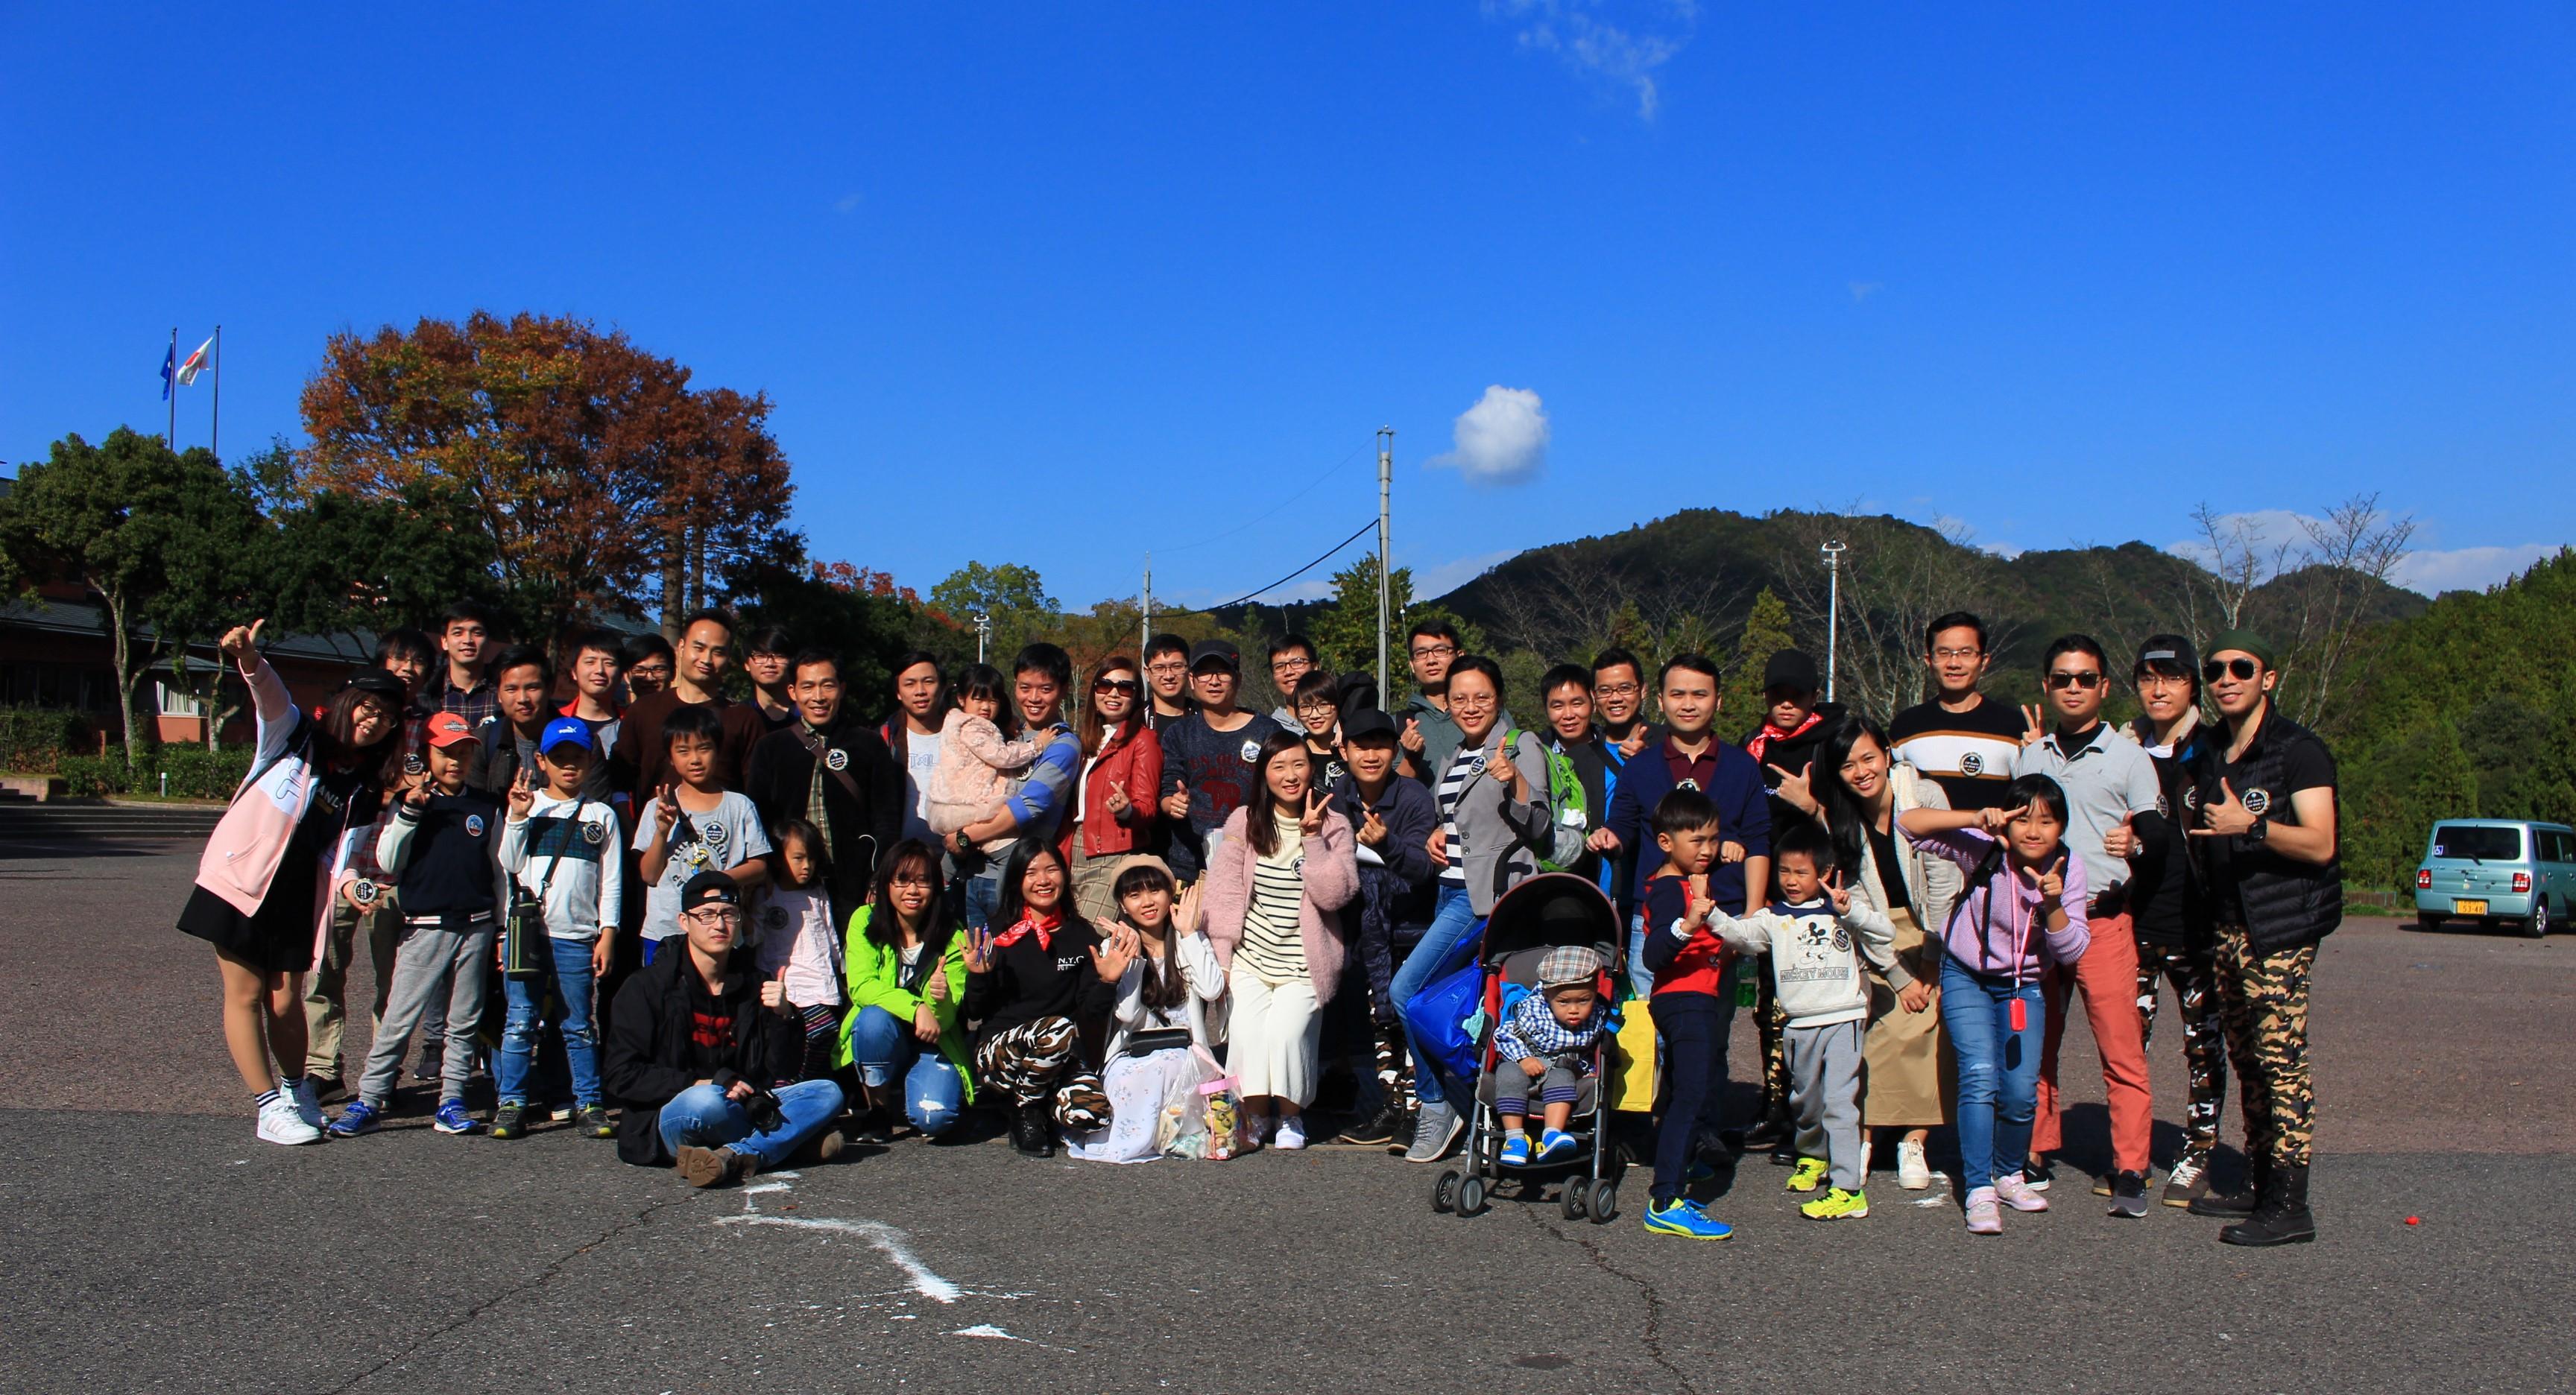 """Hơn 50 CBNV văn phòng Osaka đã có chuyến dã ngoại cùng nhau trong chương trình """"Lên đỉnh 13"""" để kỷ niệm sinh nhật 13 tuổi của FPT Japan trong 2 ngày 10-11/11."""